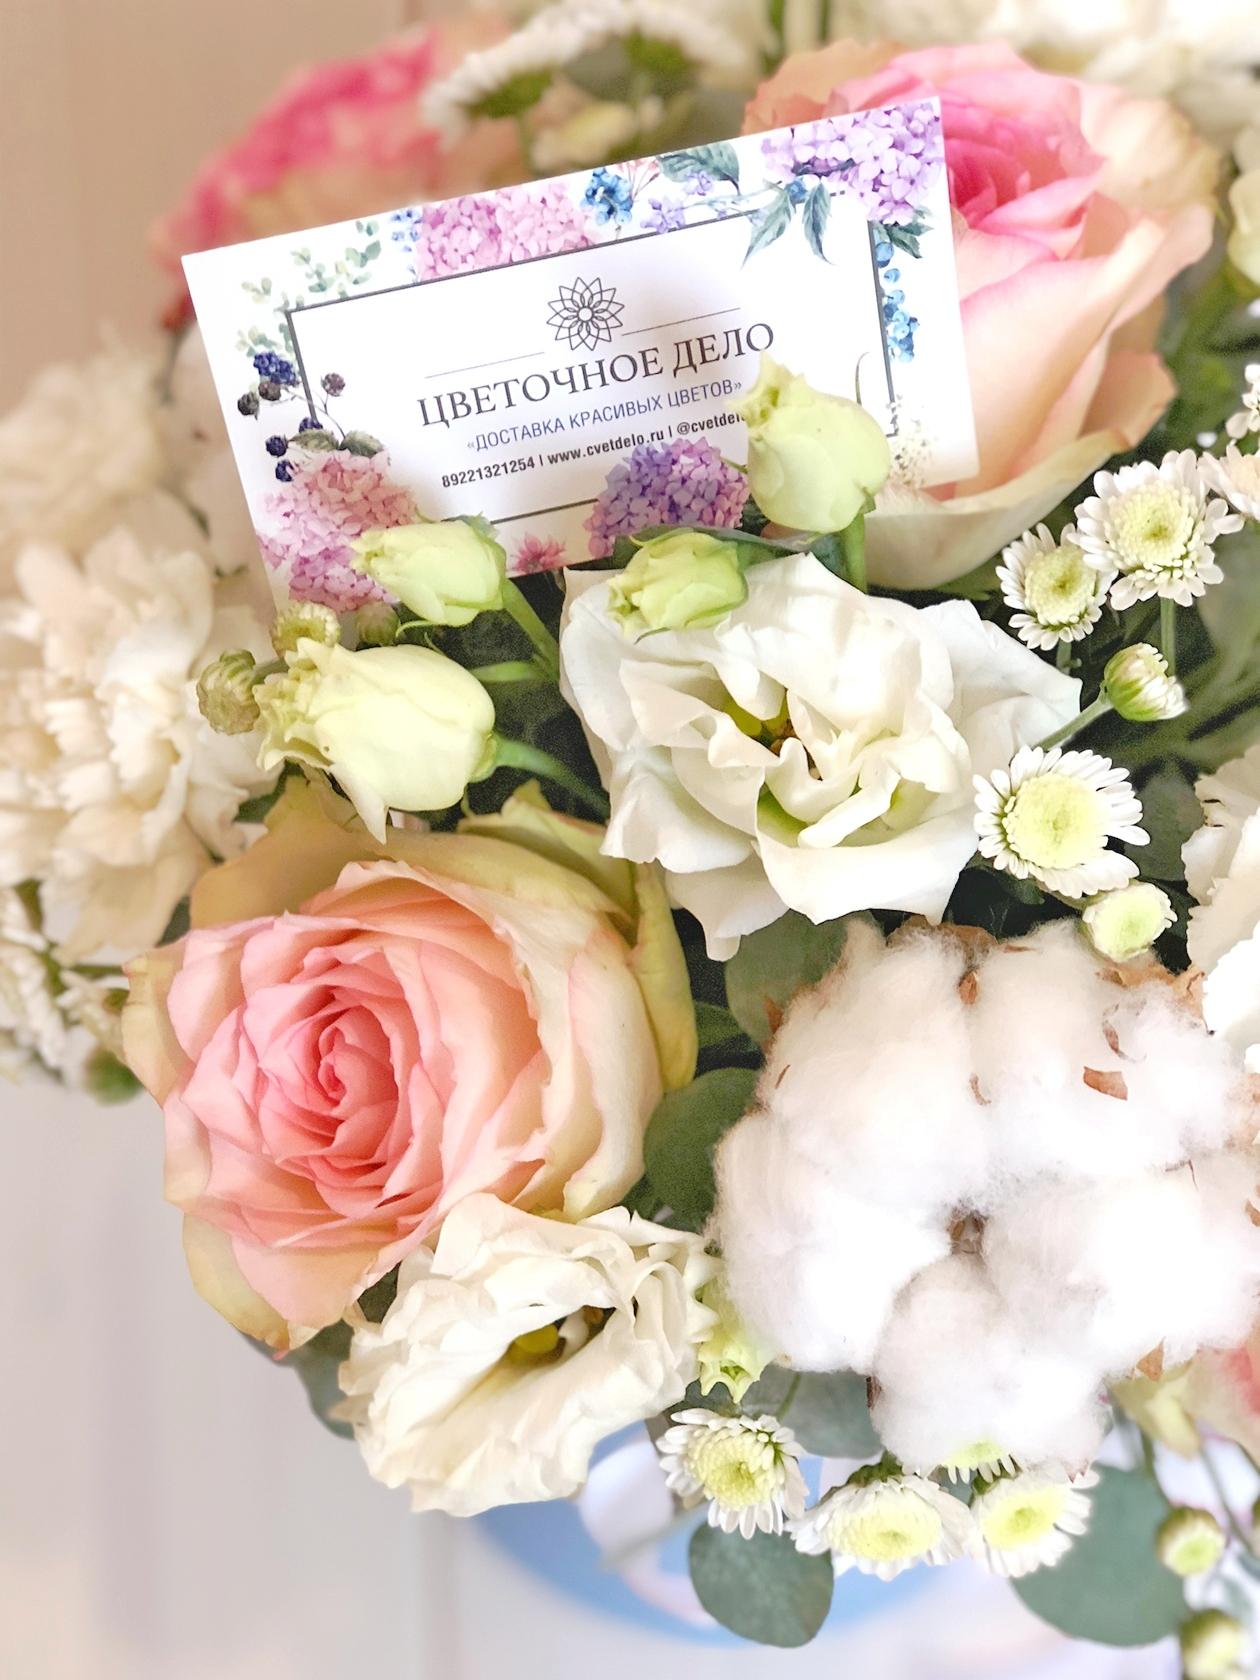 Доставка подарков и цветов екатеринбург